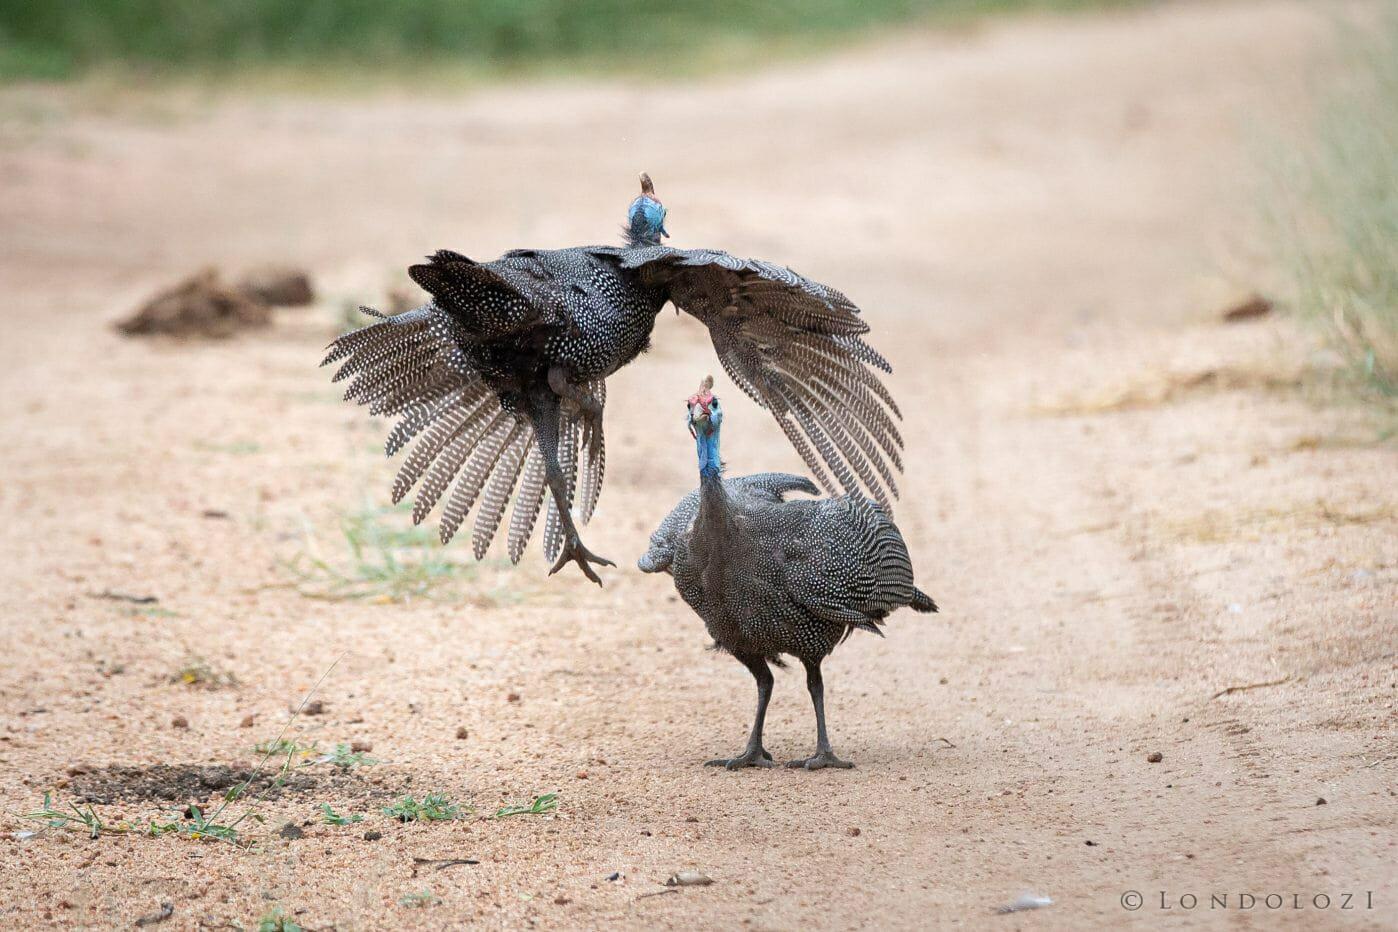 Gunieafowl Bird Brawl 2 3